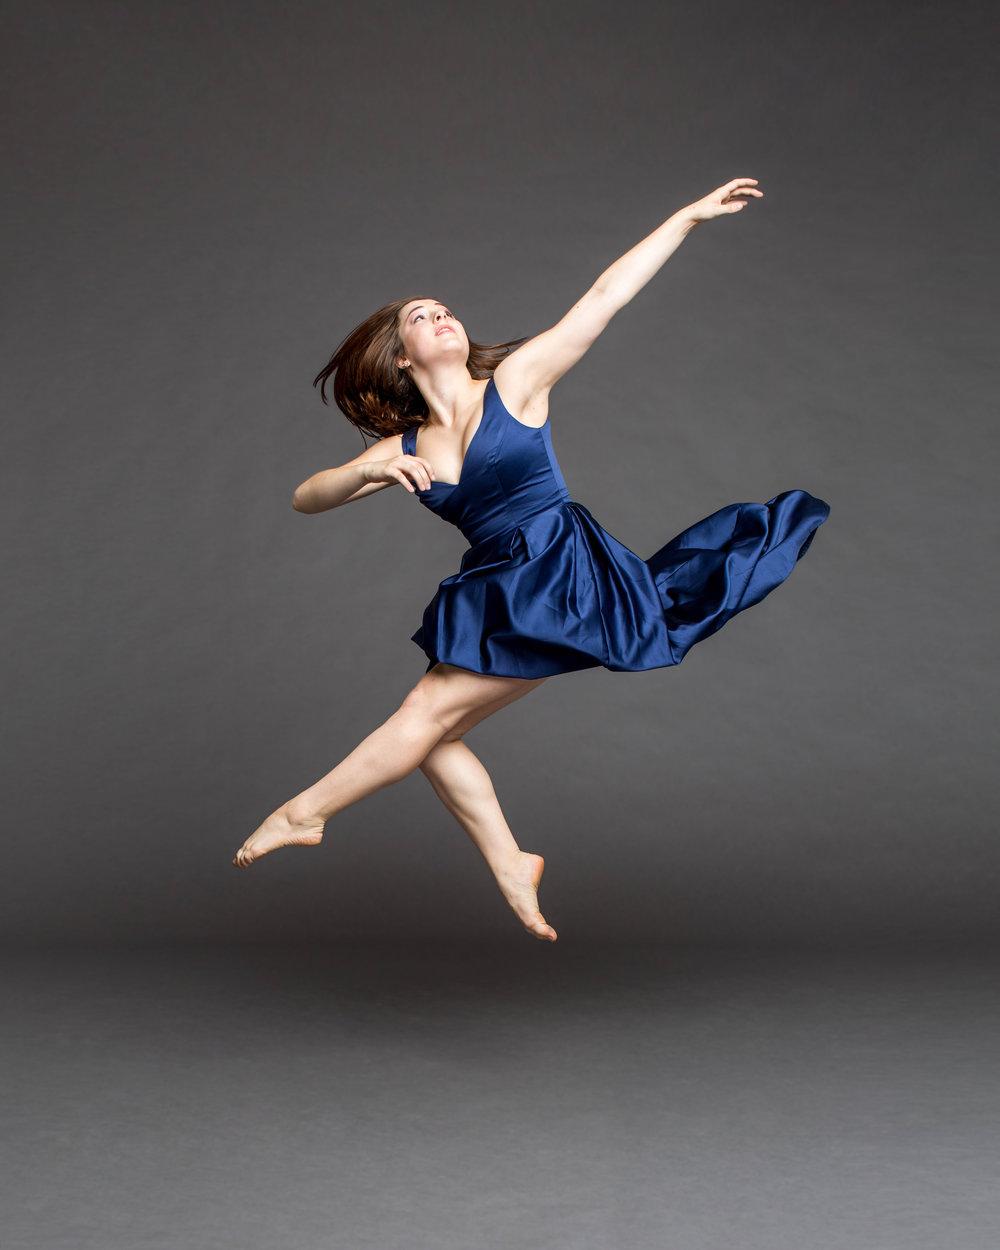 Abby Schafer jump.jpg